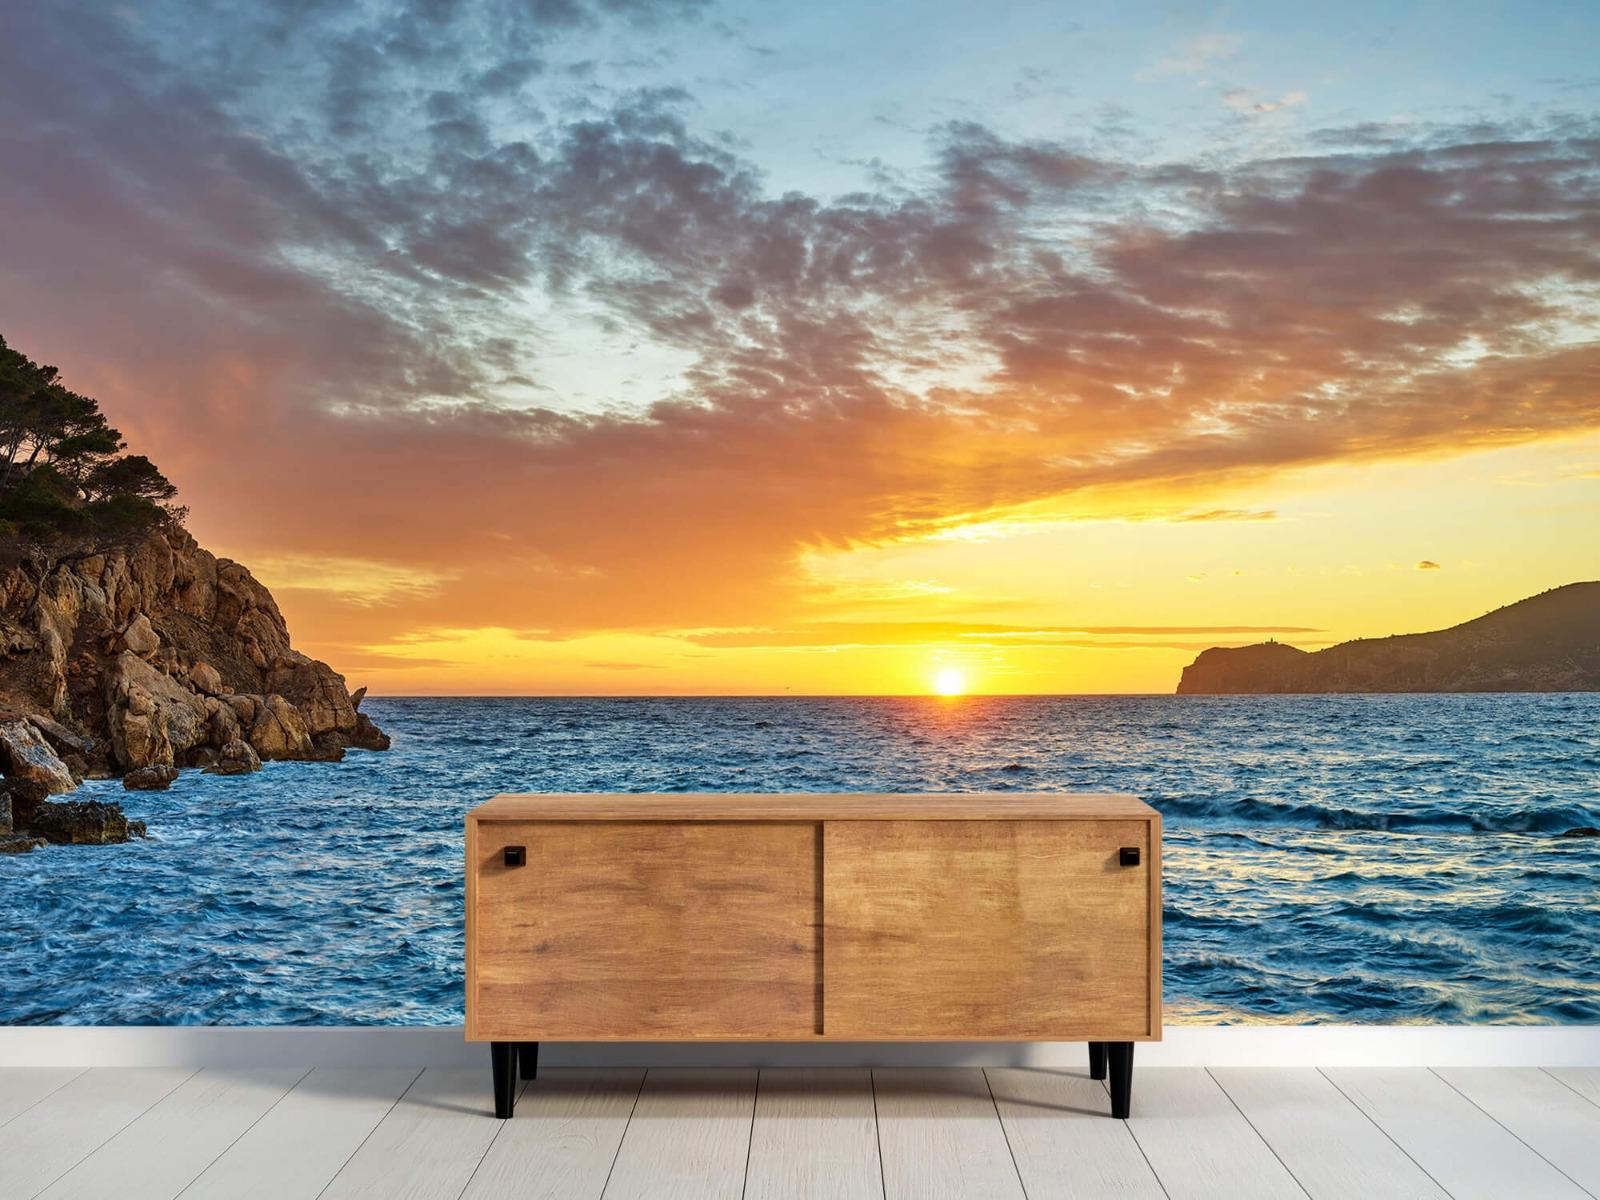 Zon - Zonsondergang op een eiland - Slaapkamer 1